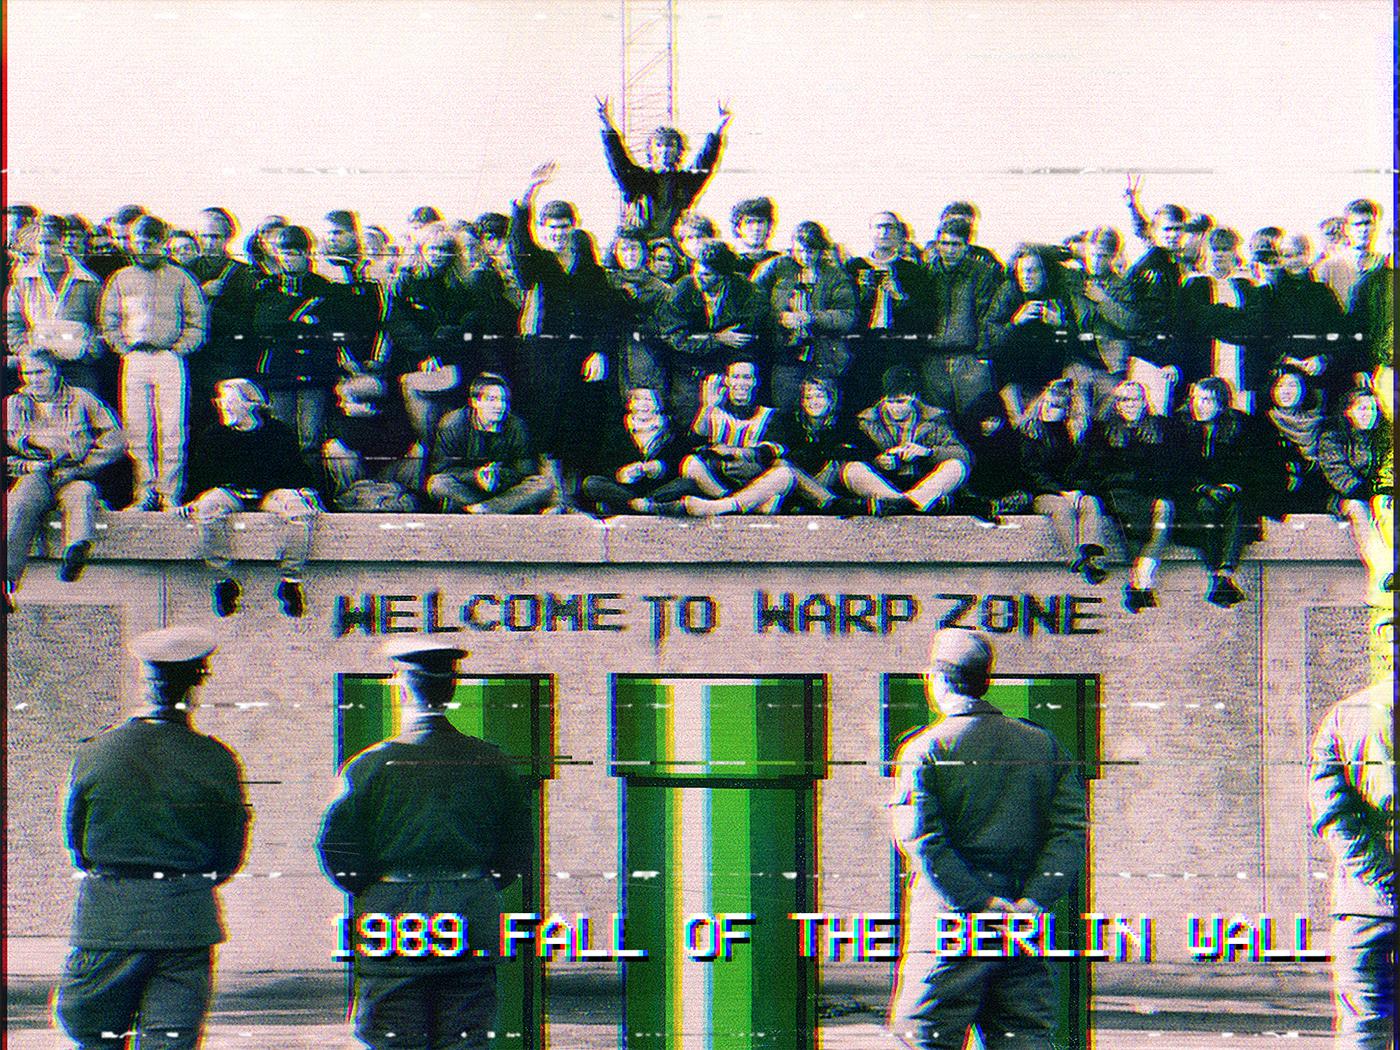 mario bros 30 anos de historia do game07 - MarioBros um game com 30 anos de história